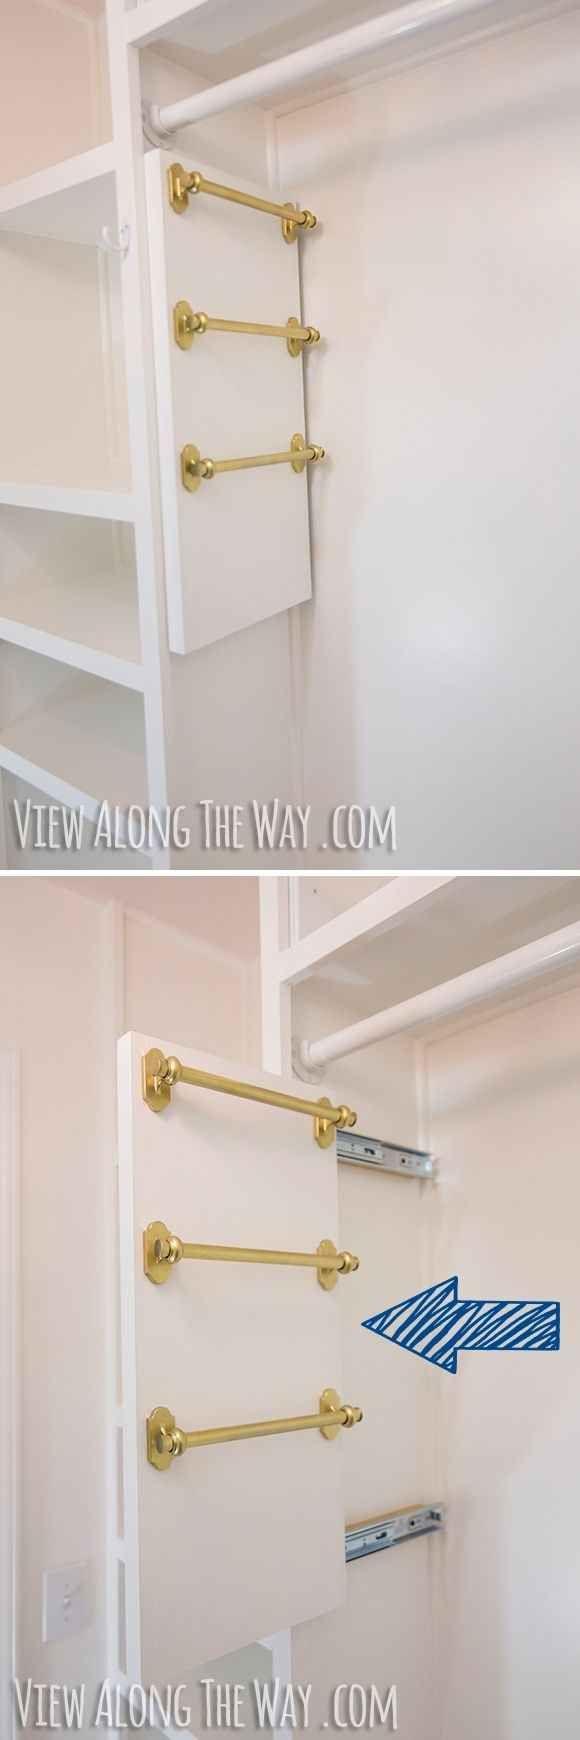 Maximiza el espacio en tu clóset al instalar tus propias barras deslizantes para colgar bufandas y cinturones: